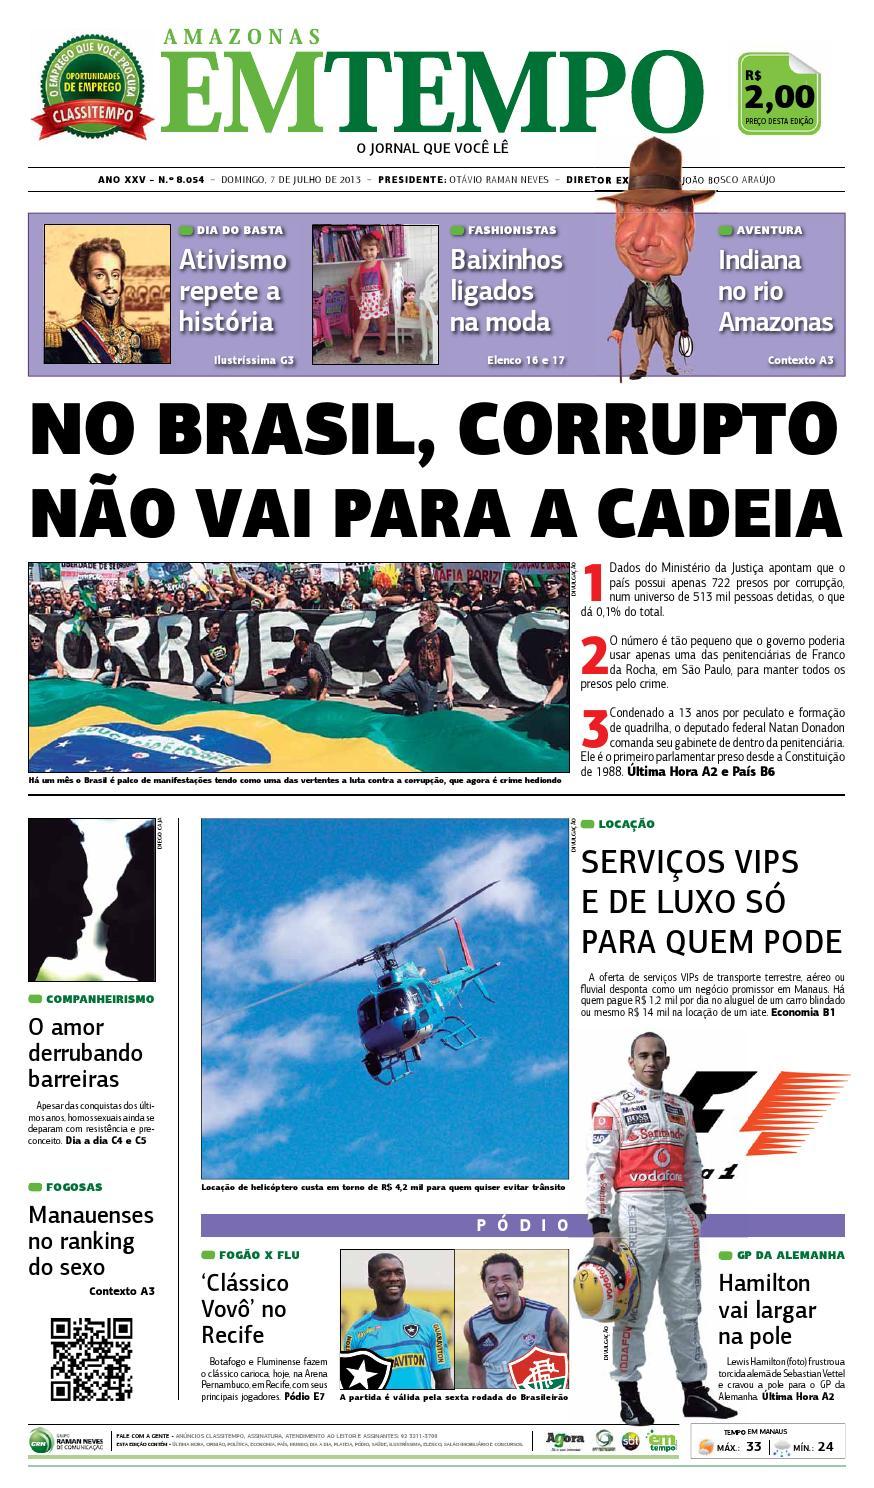 EM TEMPO - 7 de julho de 2013 by Amazonas Em Tempo - issuu 713039a05536a